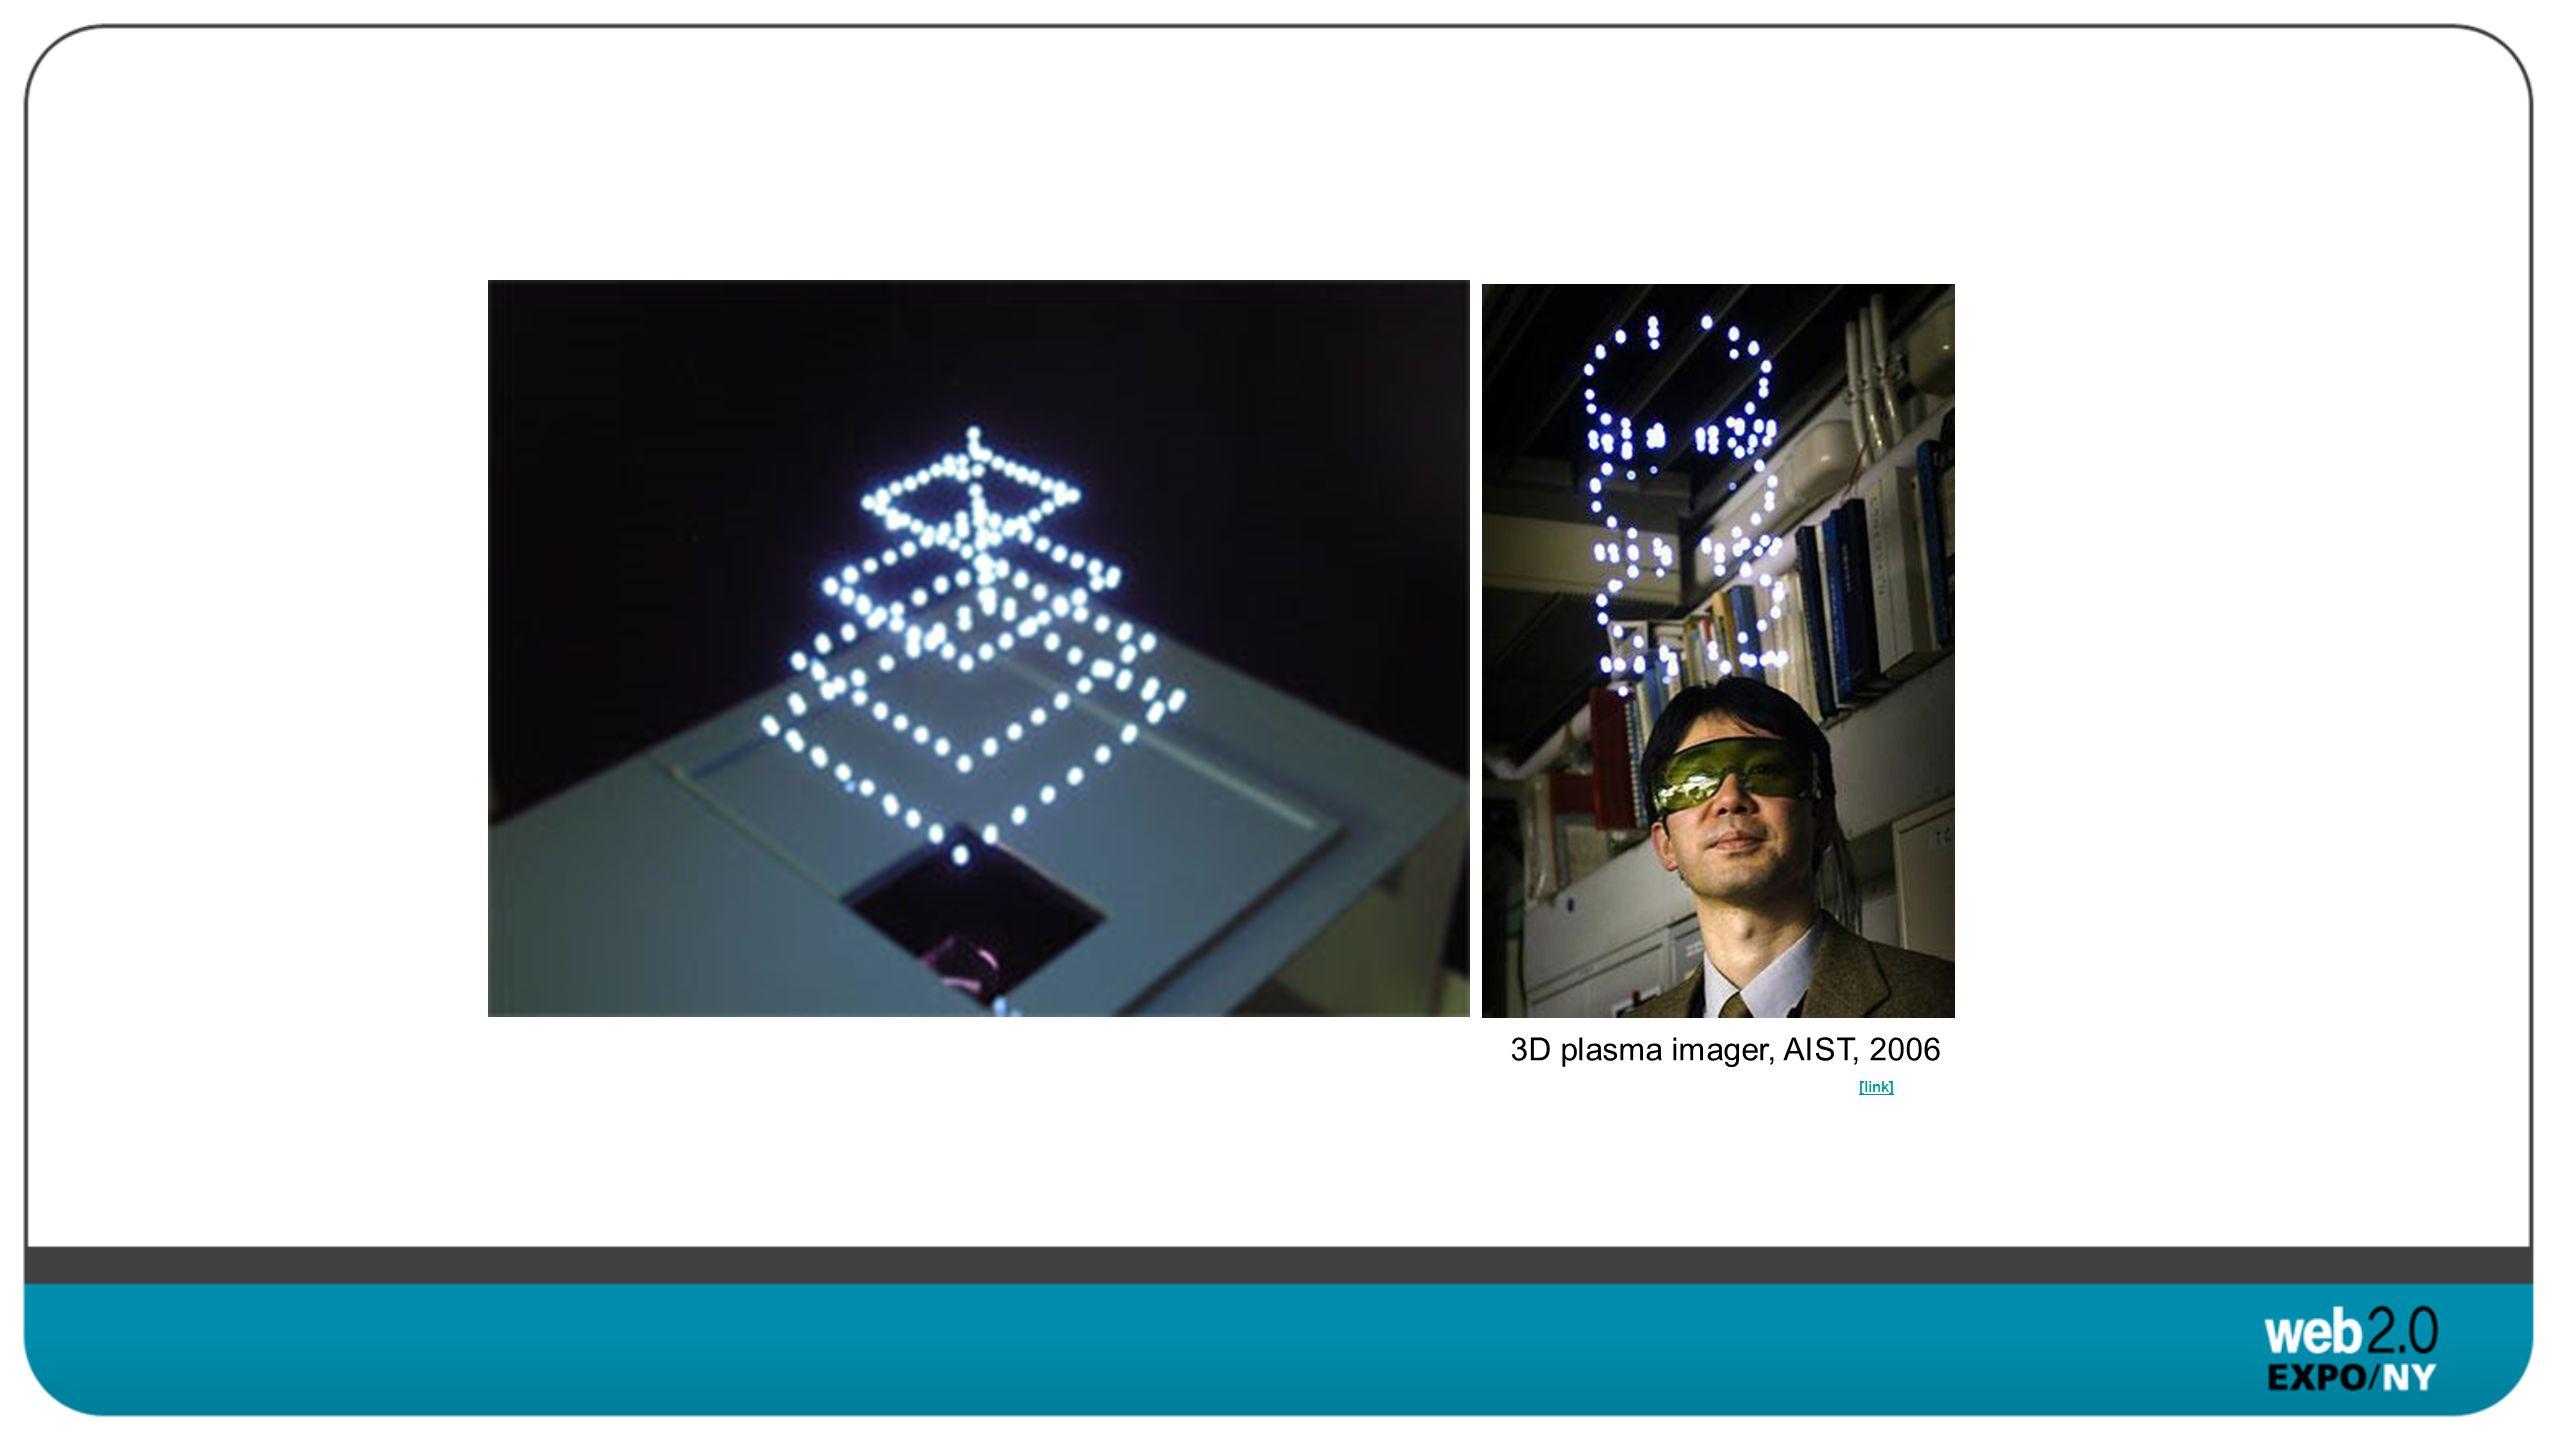 [link] 3D plasma imager, AIST, 2006